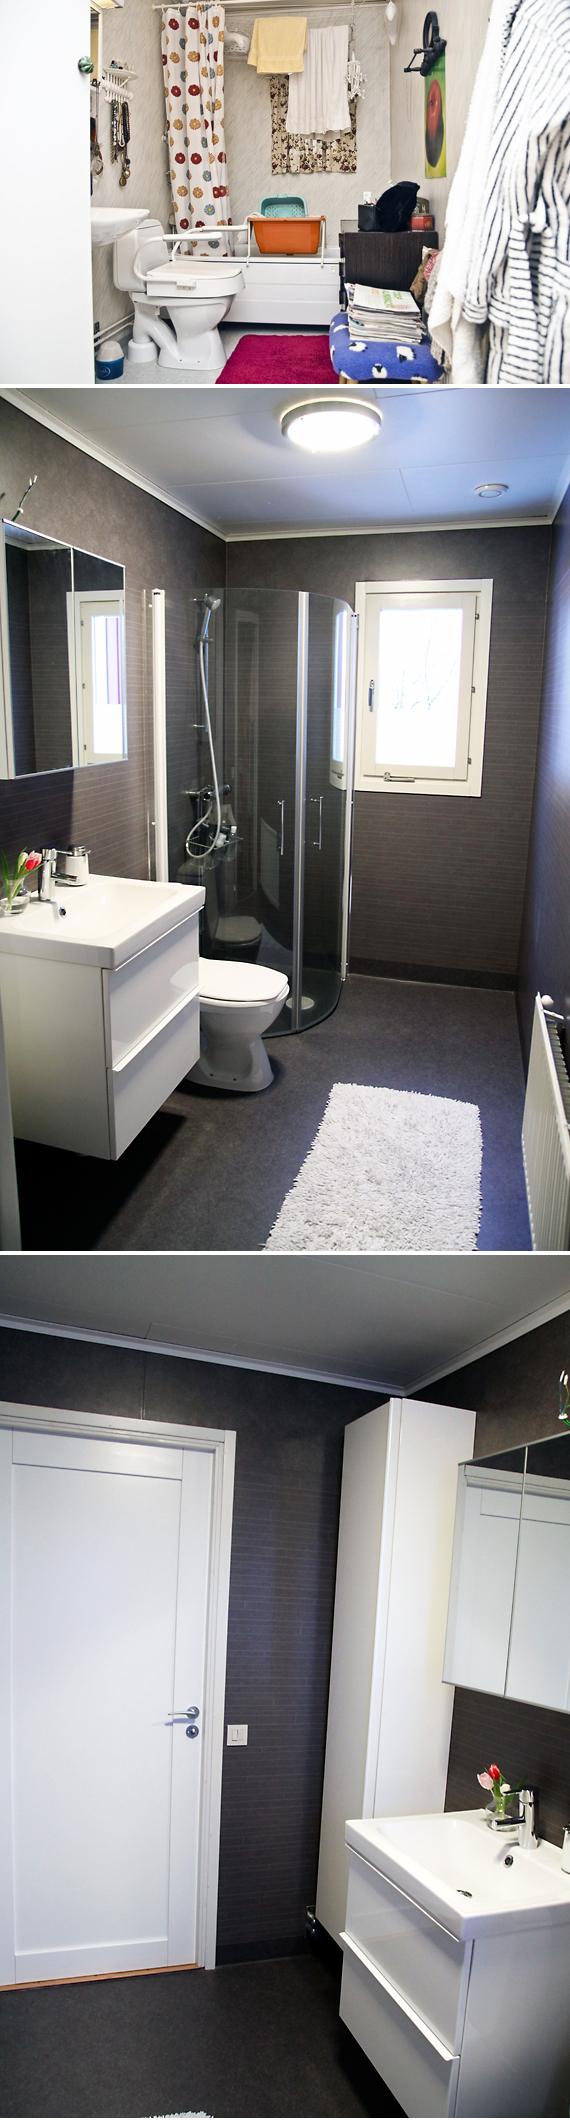 Badrum design inredning ~ xellen.com